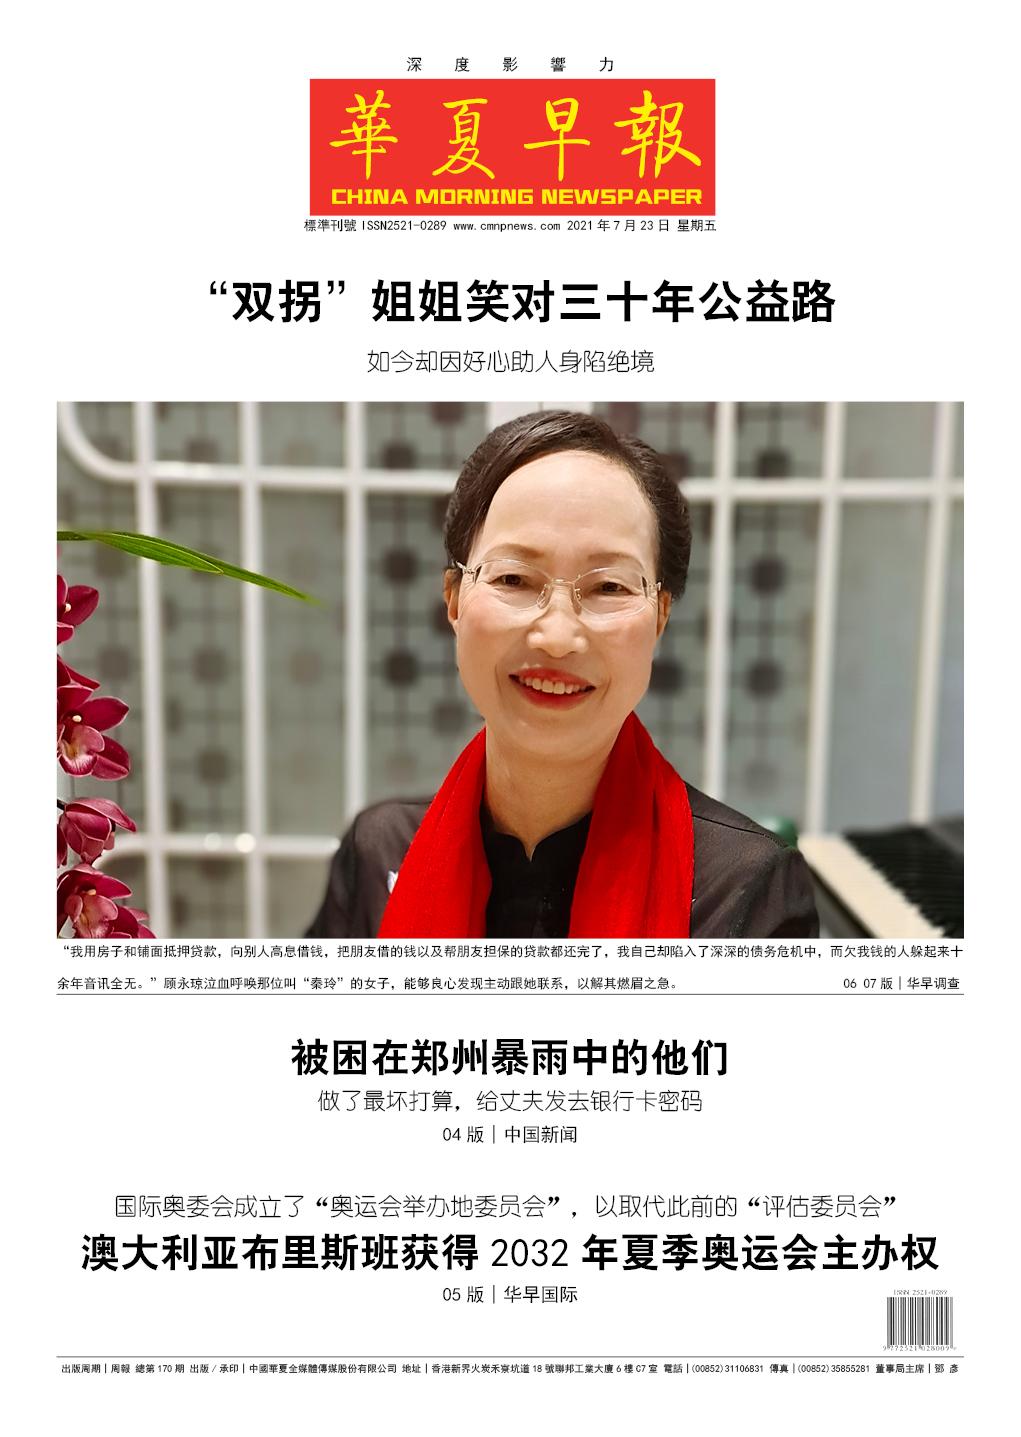 华夏早报印刷版第170期